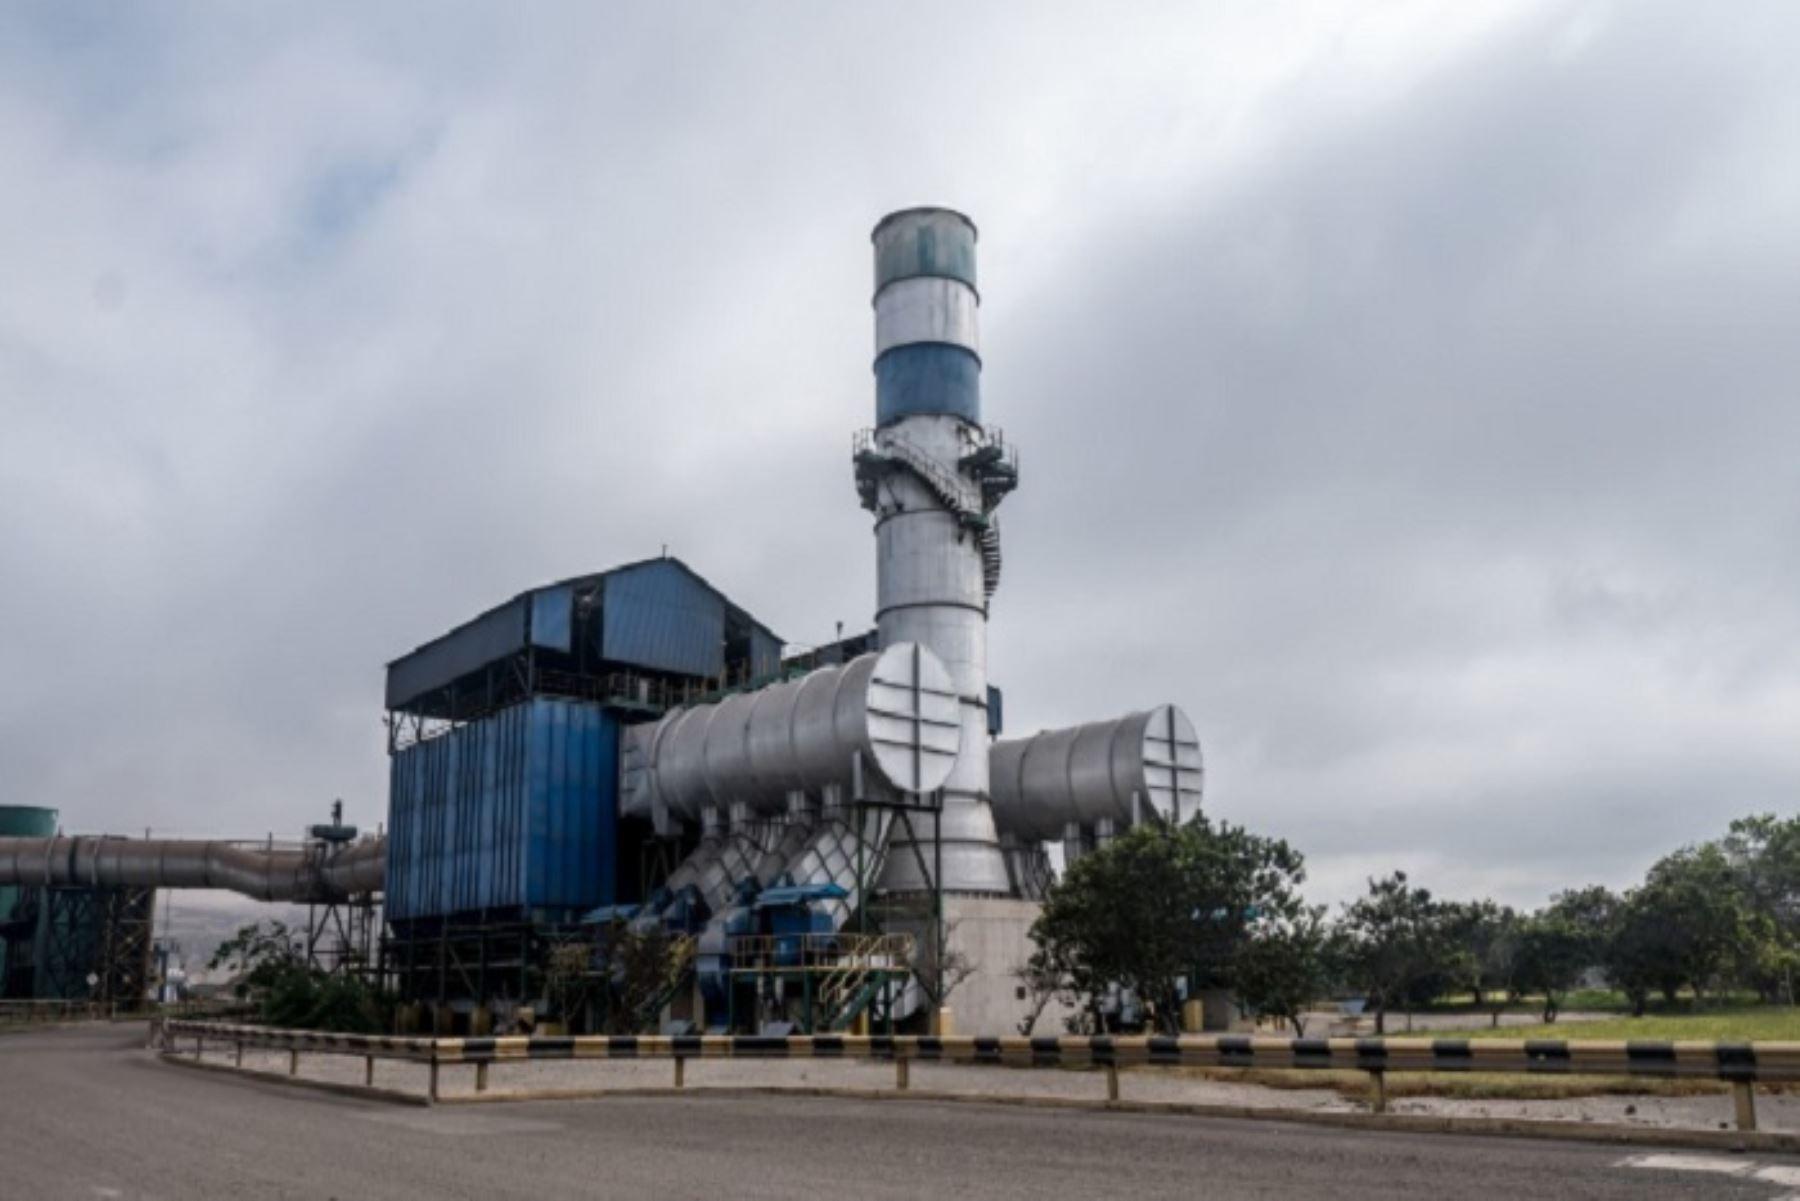 La Huella de Carbono se establece como el indicador que muestra las emisiones de gases de efecto invernadero de una organización mediante el uso de energía procedente de combustibles fósiles, eléctrica, entre otros.